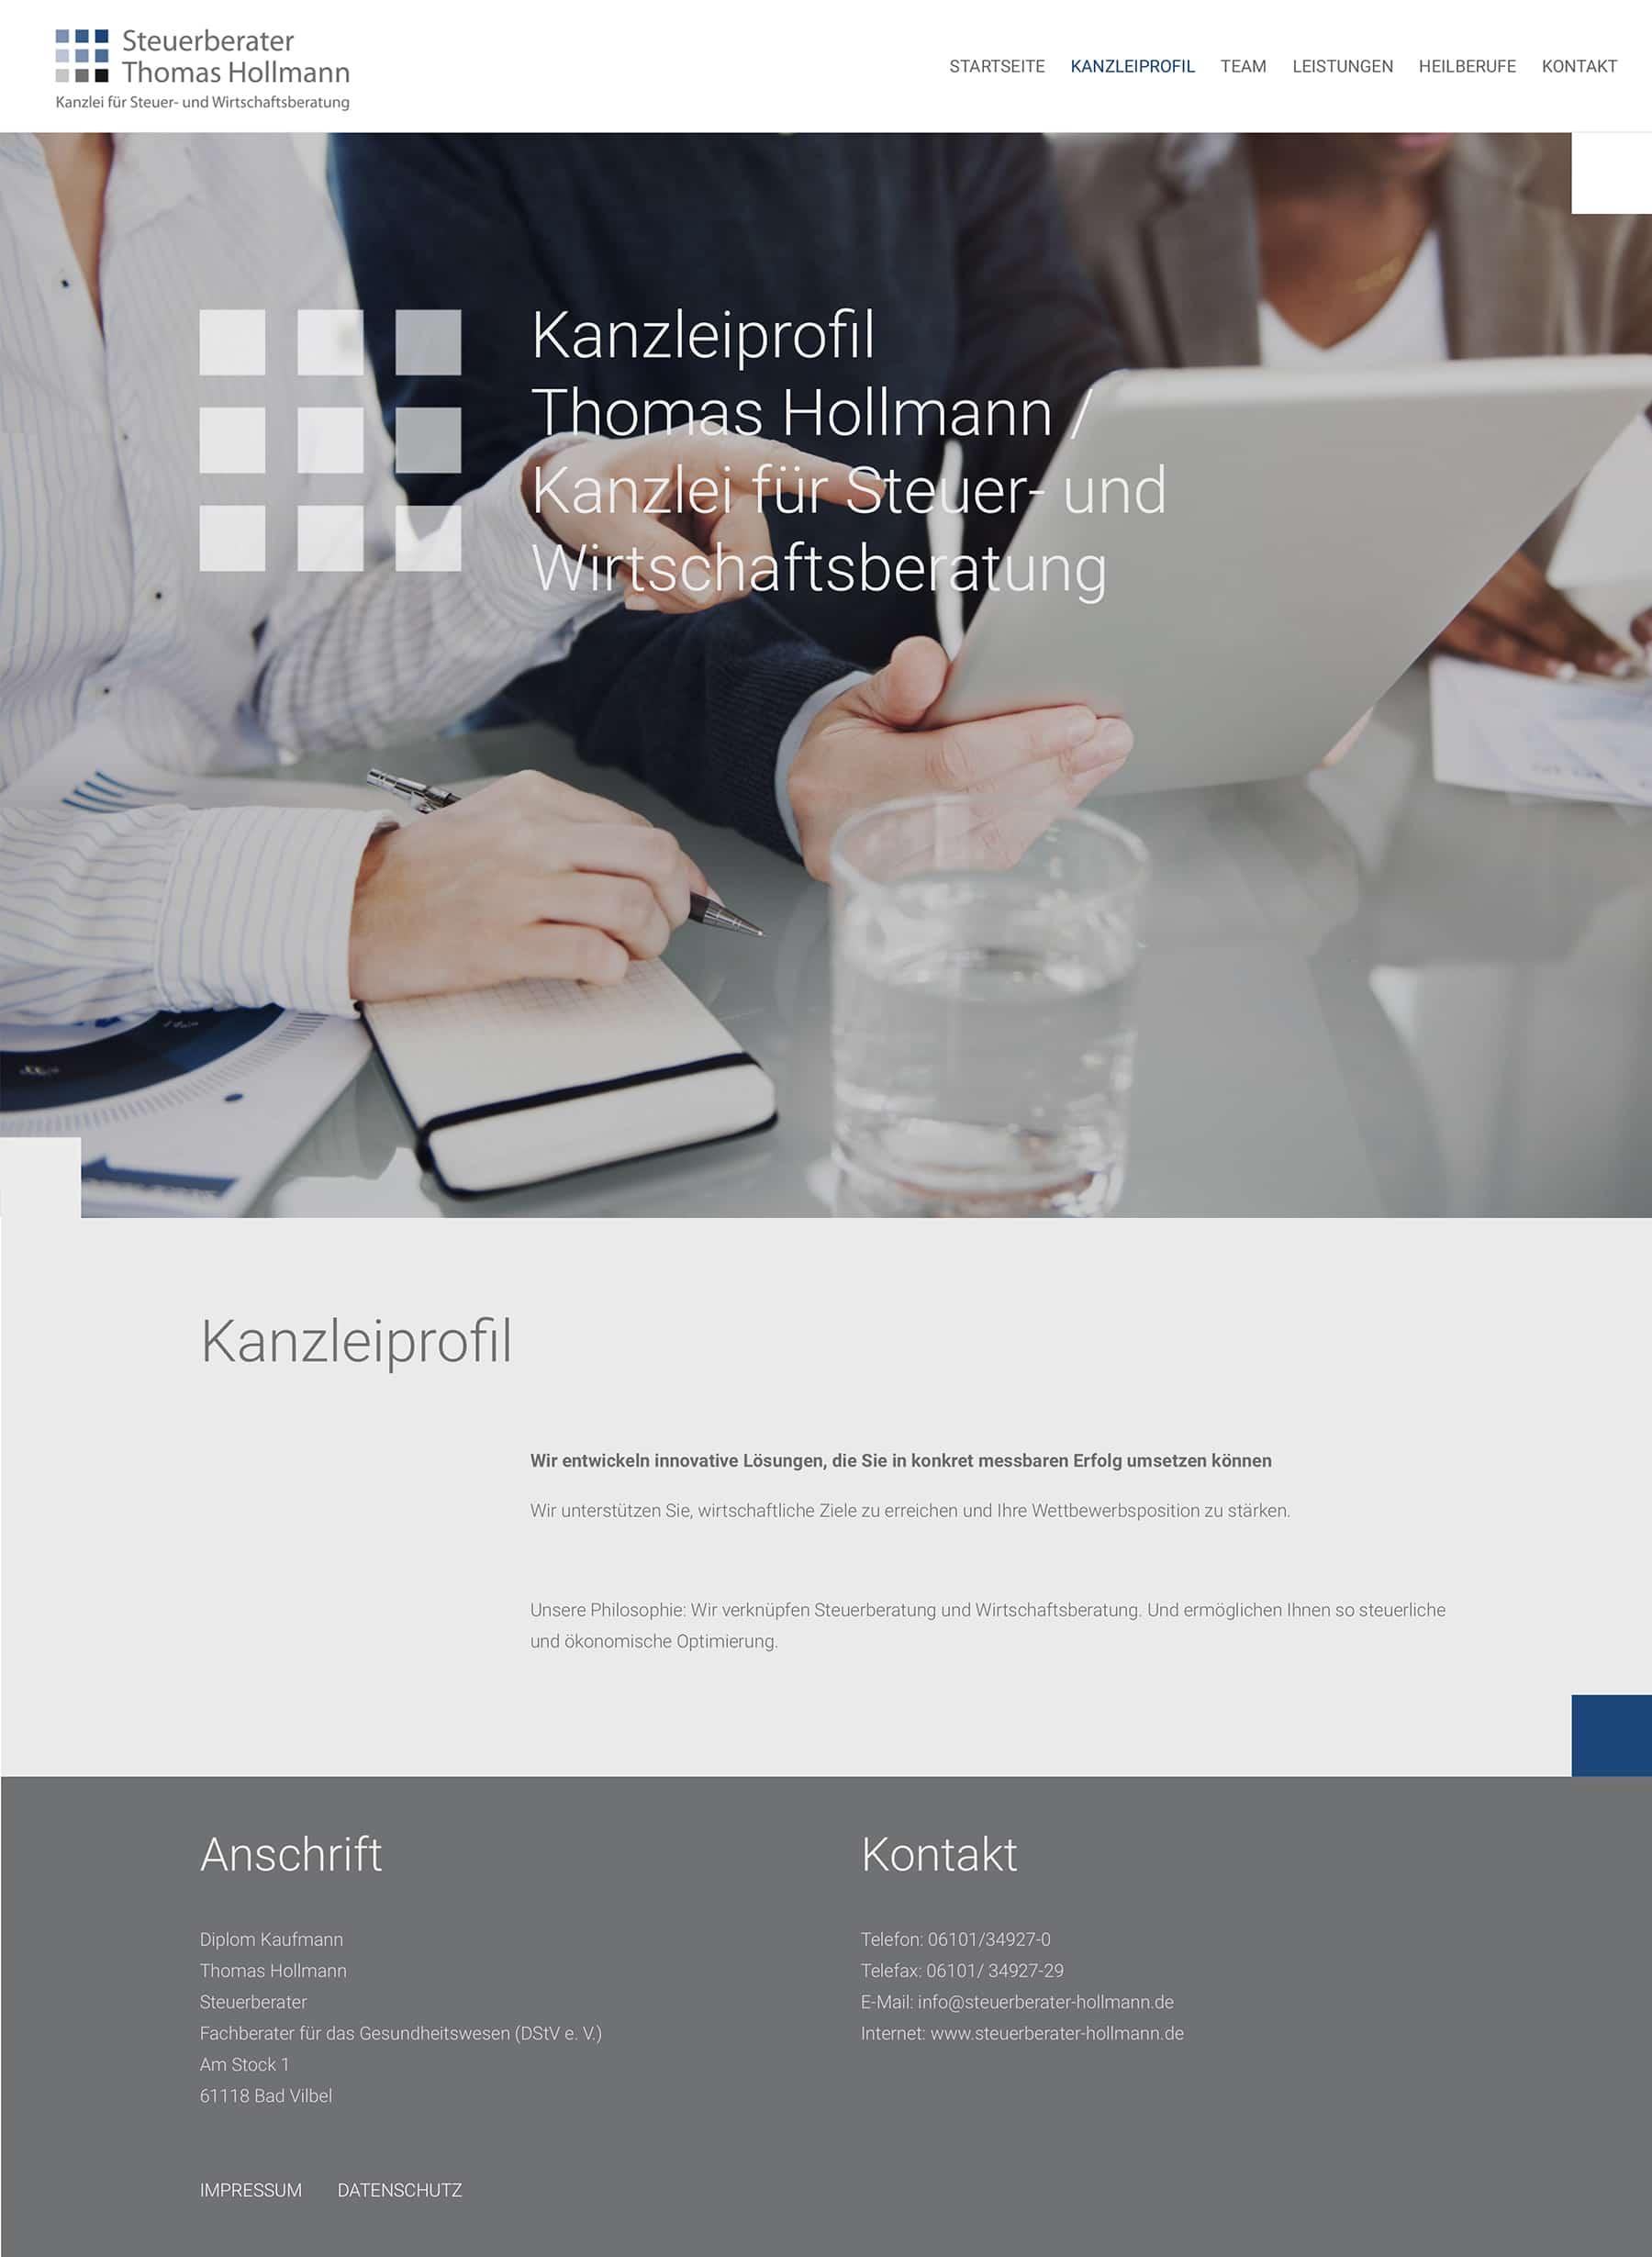 Homepage Entwicklung für Steuerberatungskanzlei durch Webdesigner Ronald Wissler